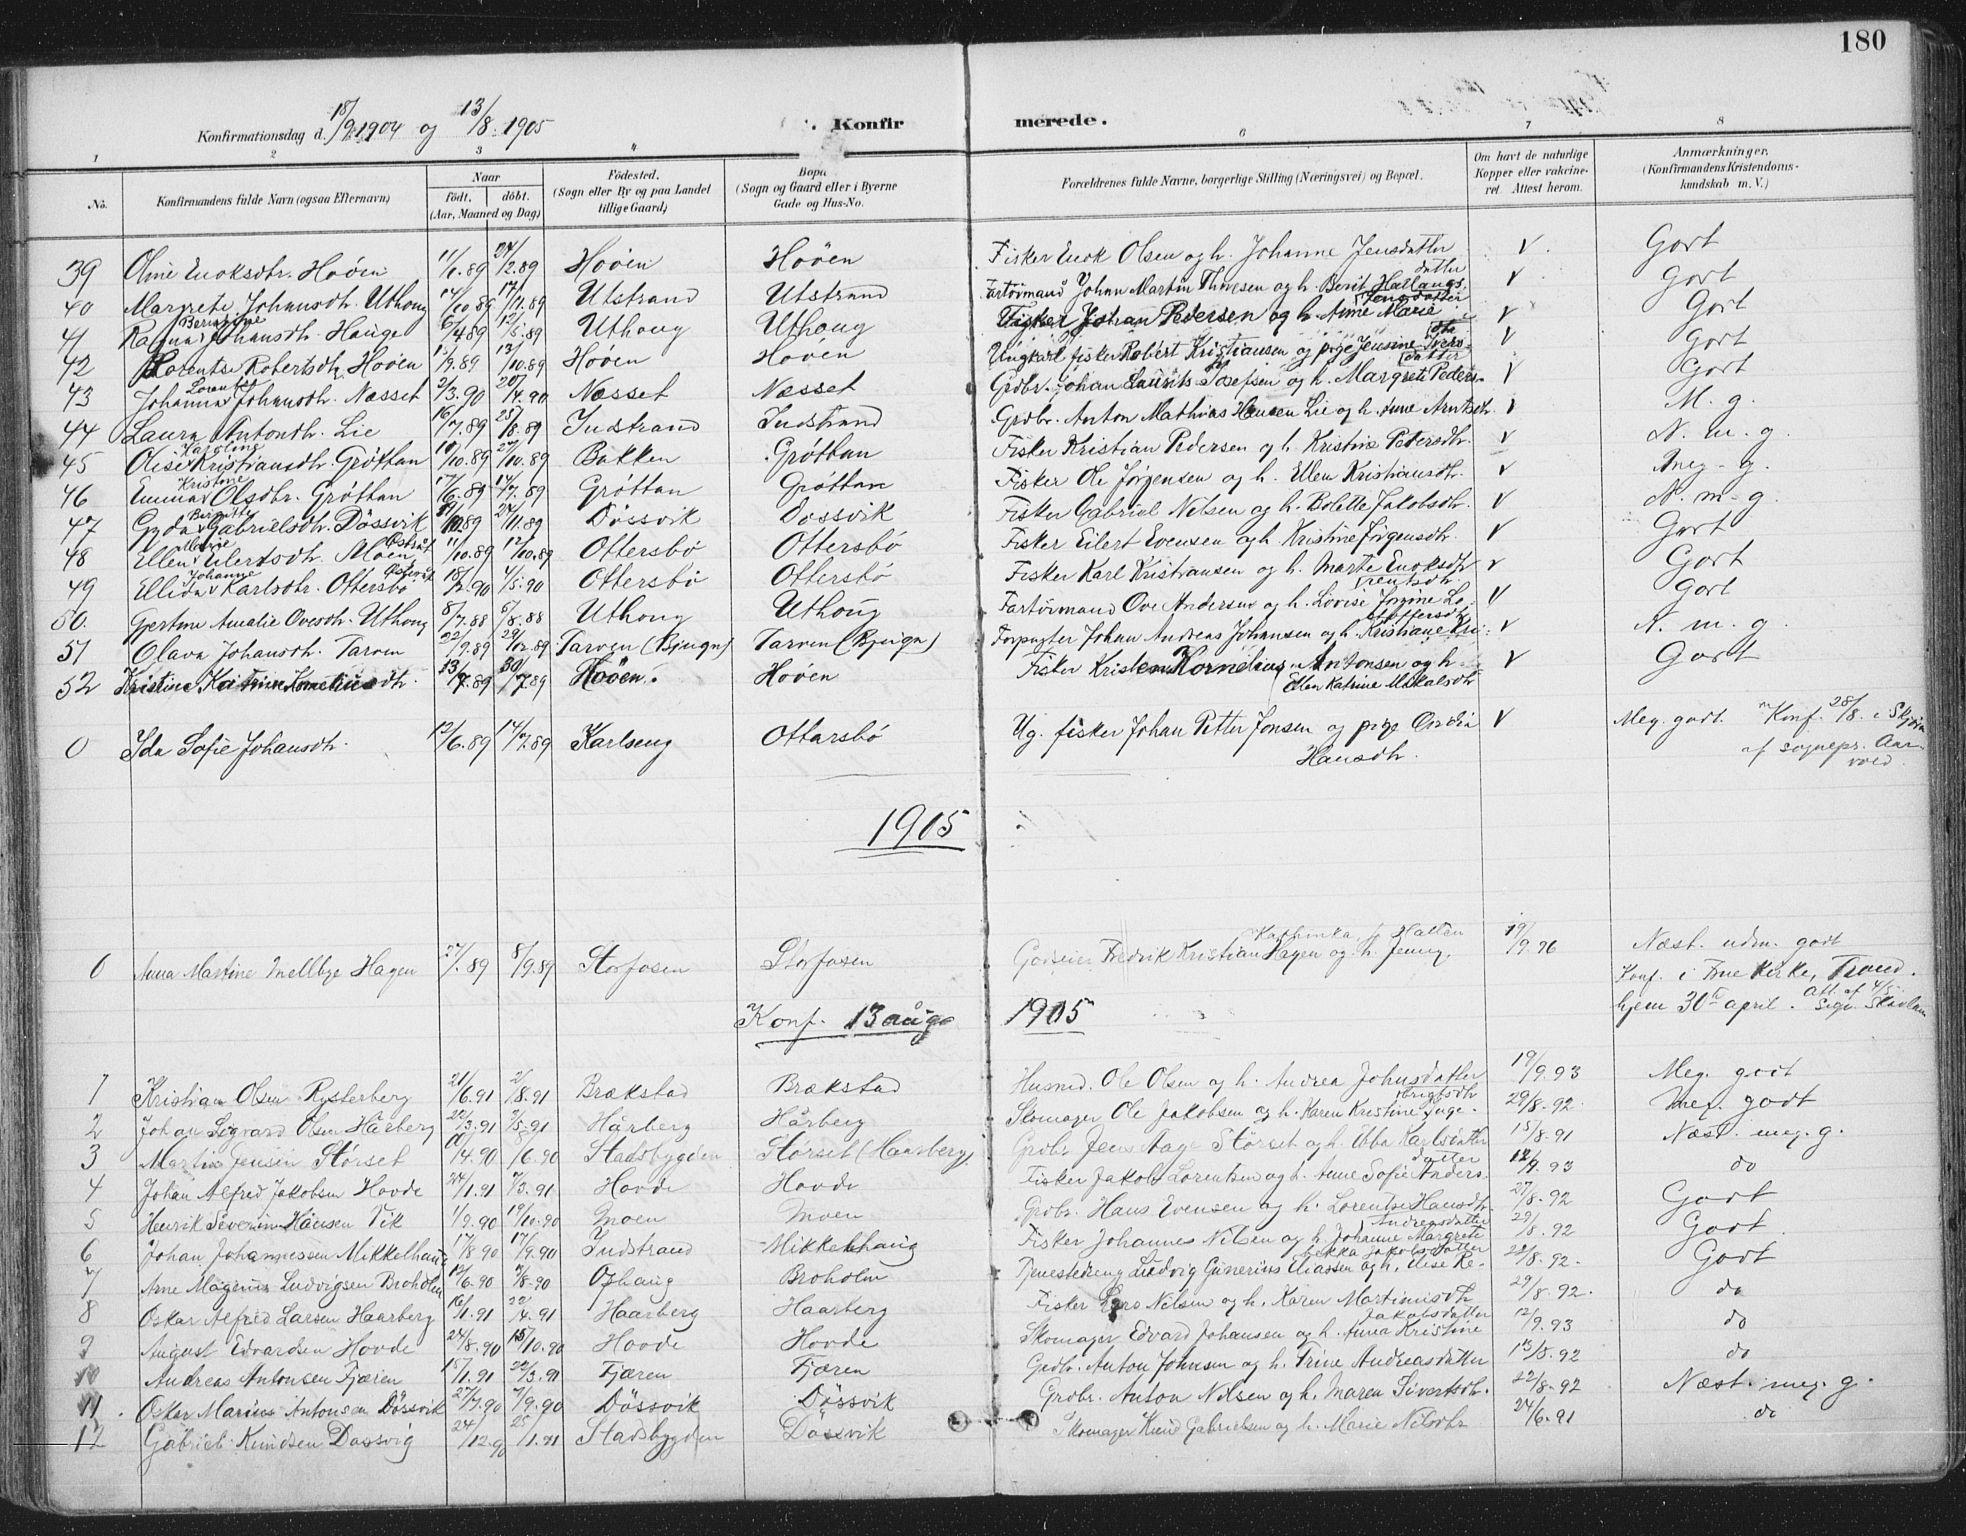 SAT, Ministerialprotokoller, klokkerbøker og fødselsregistre - Sør-Trøndelag, 659/L0743: Ministerialbok nr. 659A13, 1893-1910, s. 180